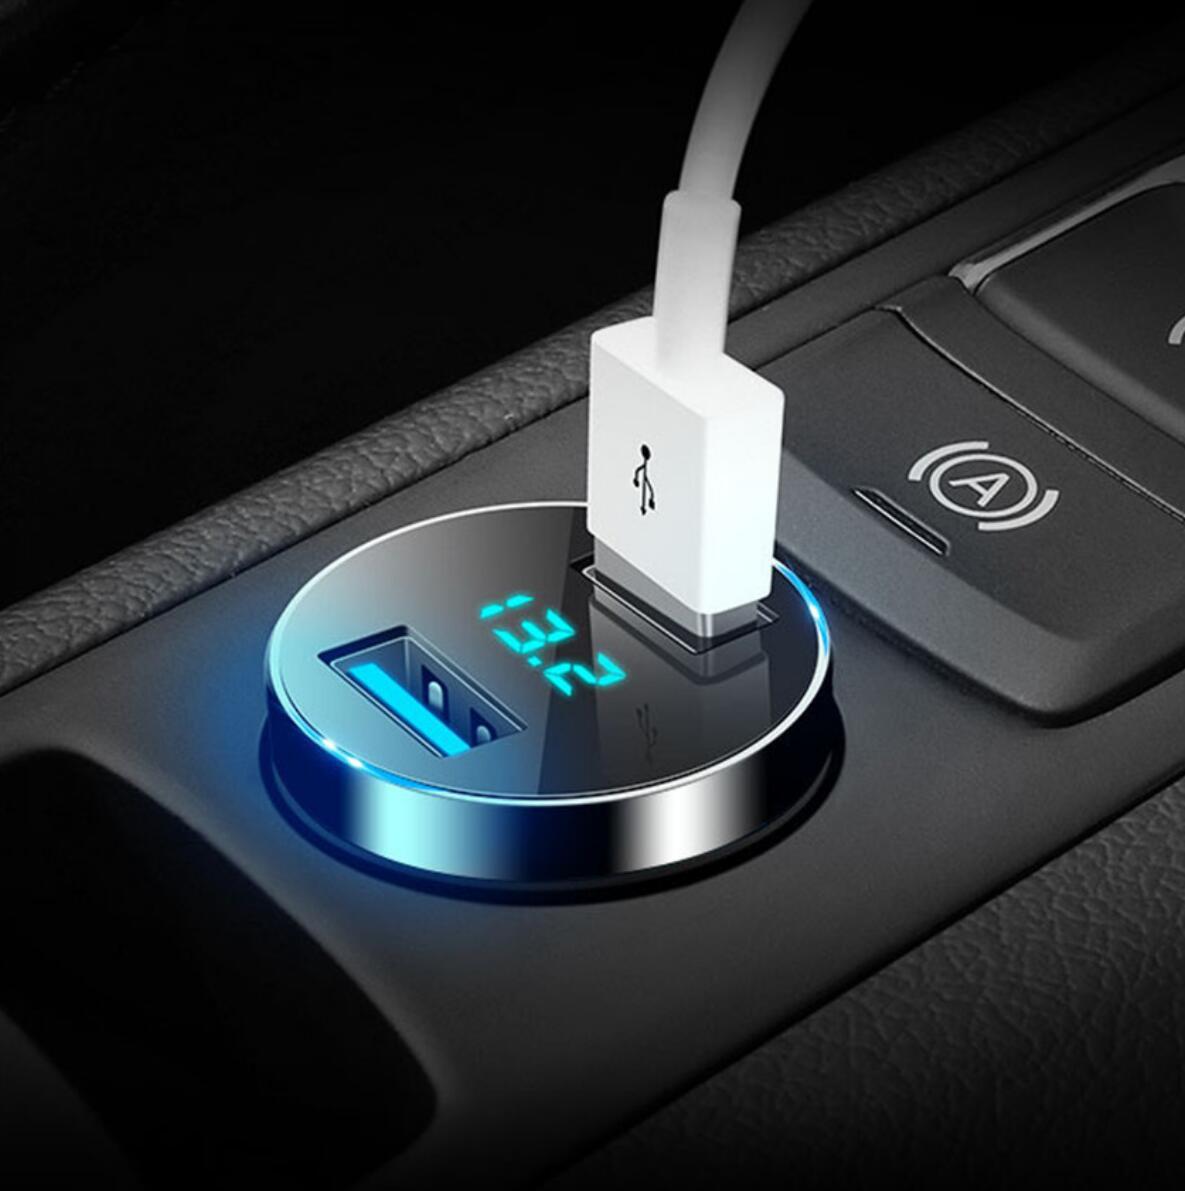 Зарядное устройство для мобильного телефона с быстрой зарядкой 3,0 USB для Citroen C1 C2 C3 C4 C5 C6 C8 C4L Elysee Xsara CACTUS DS3 DS4 DS5 DS5LS DS6